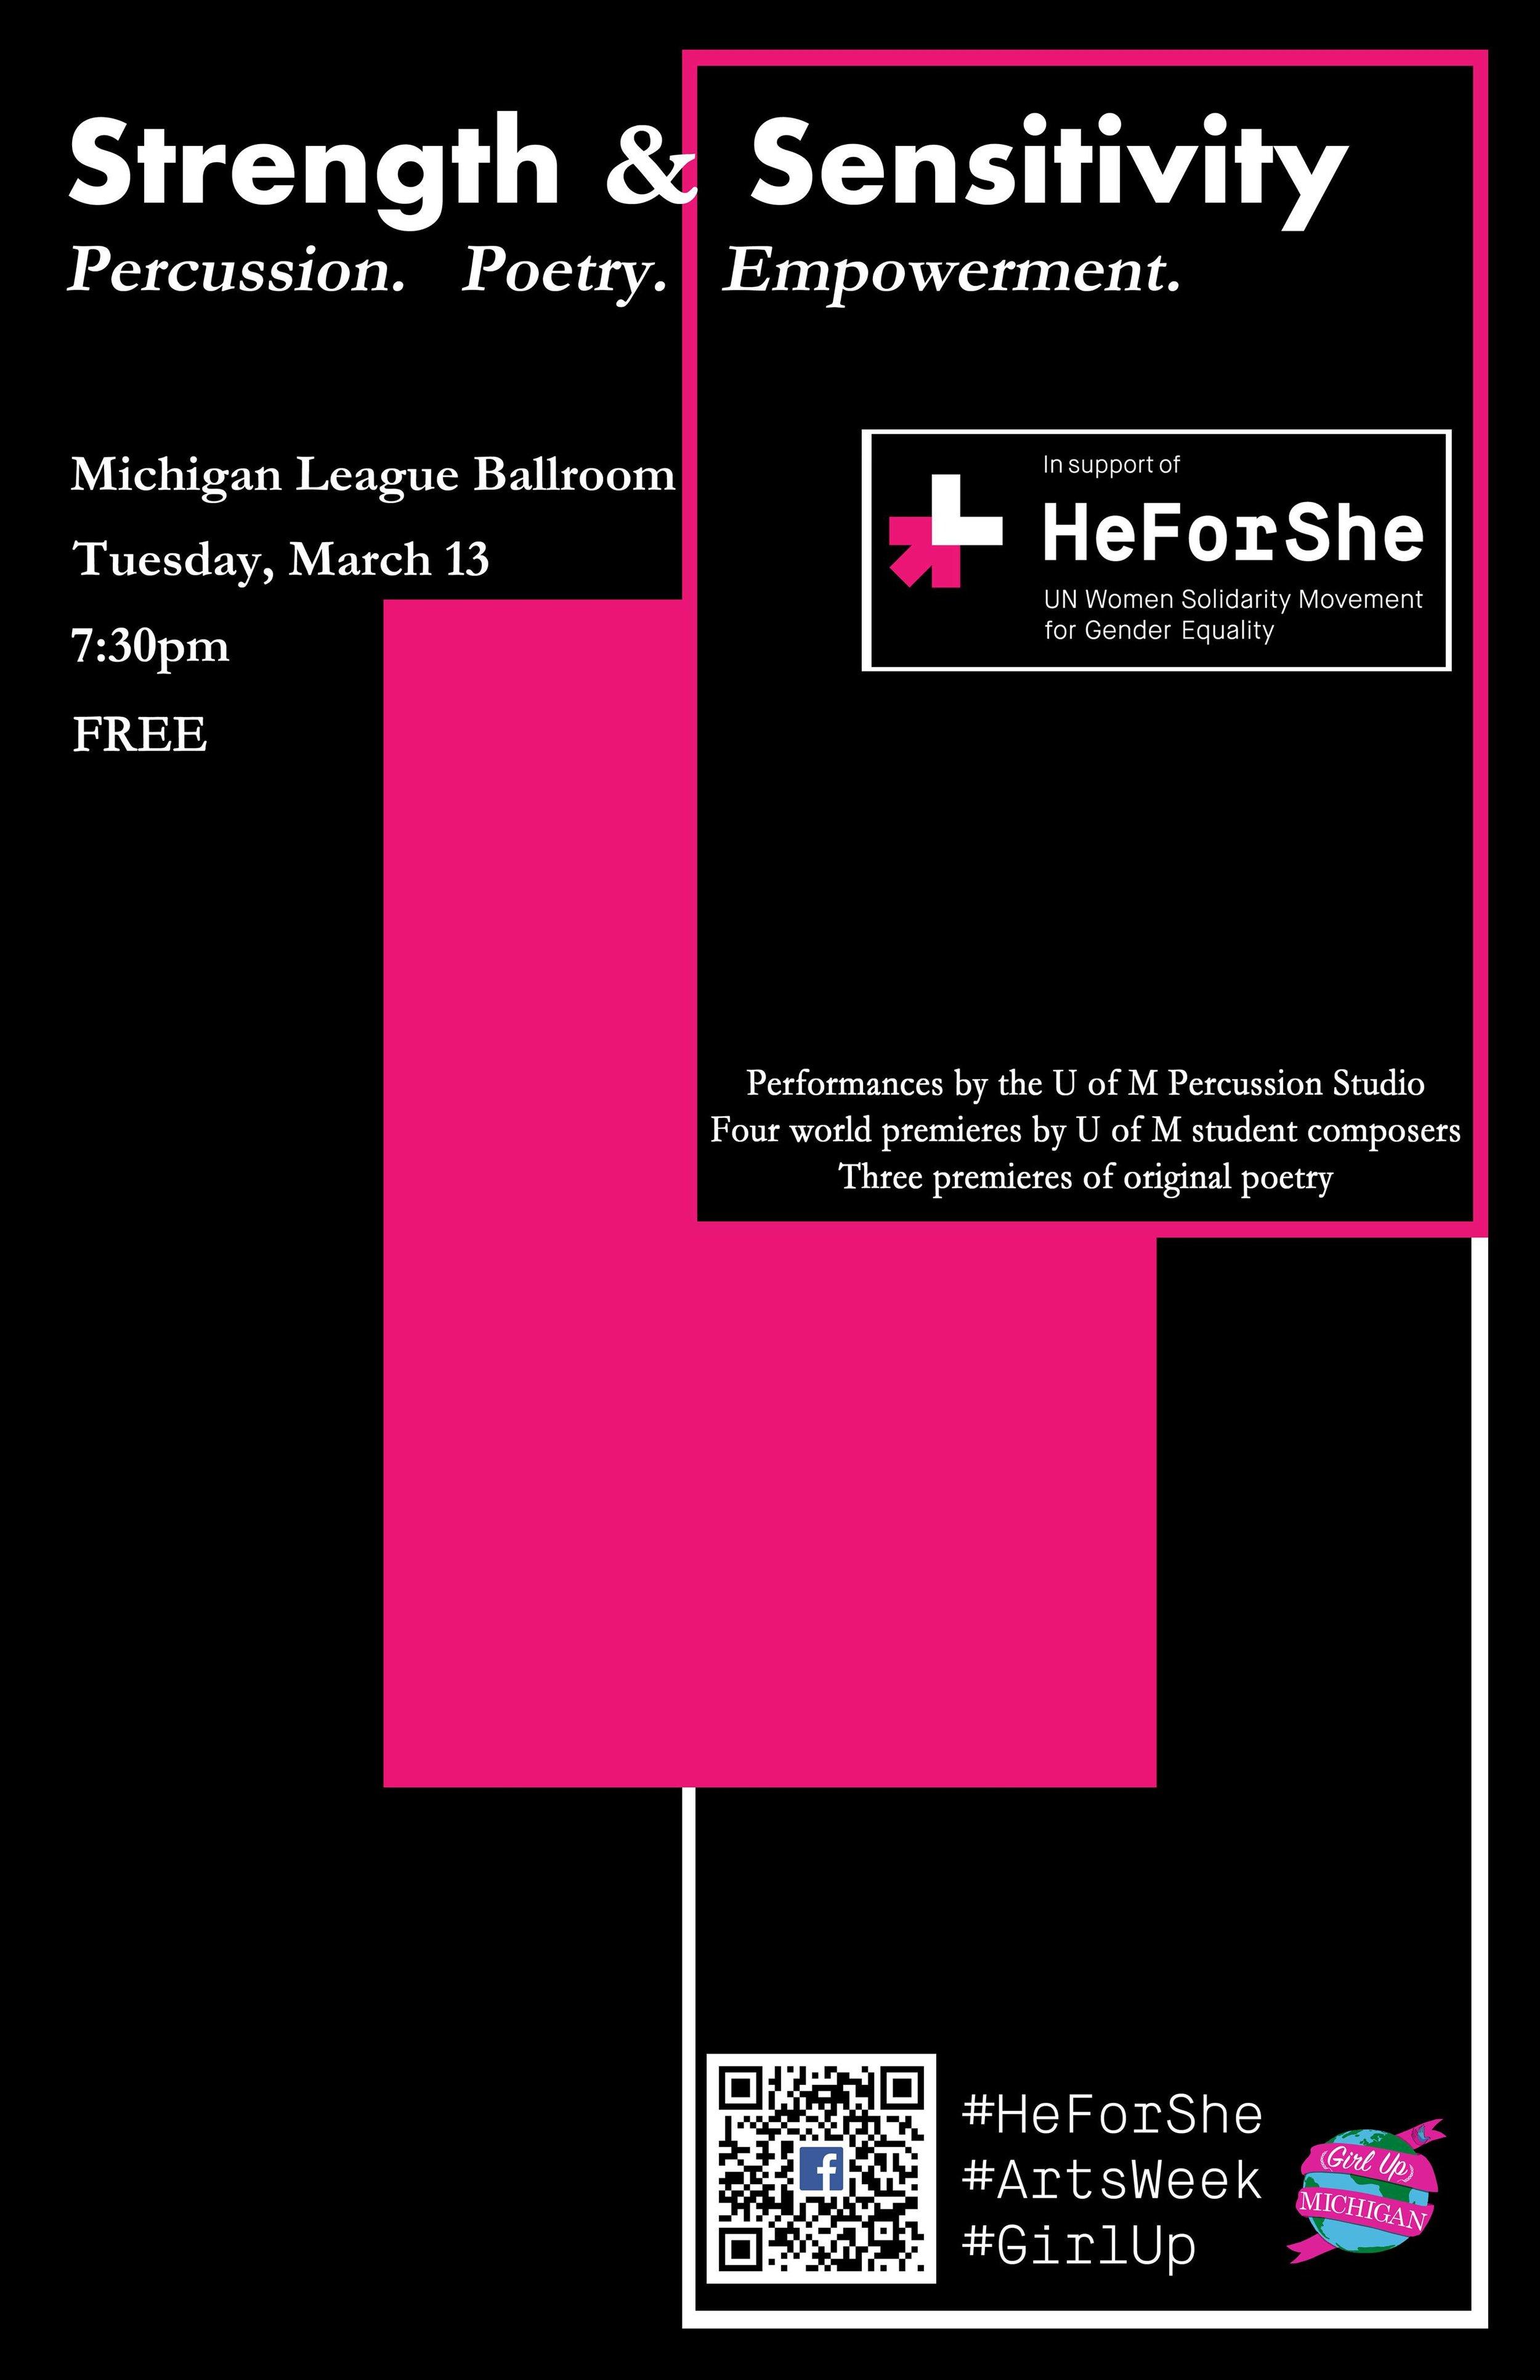 HeForShe SS poster official.jpg